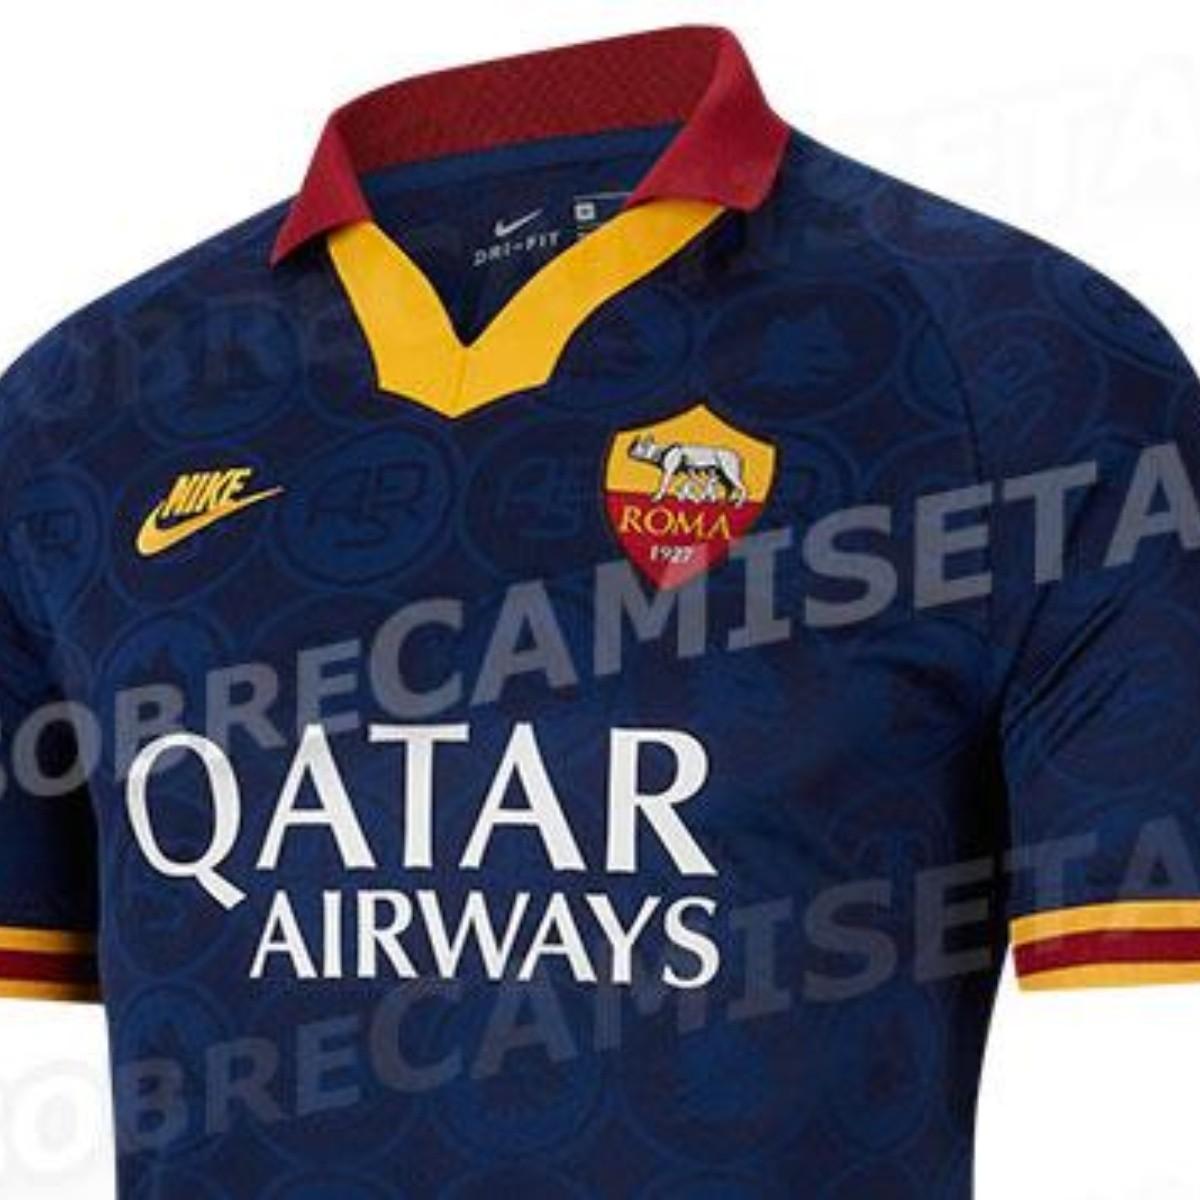 Deme Mil Roma Saco Una Nueva Camiseta Y El Estilo Retro